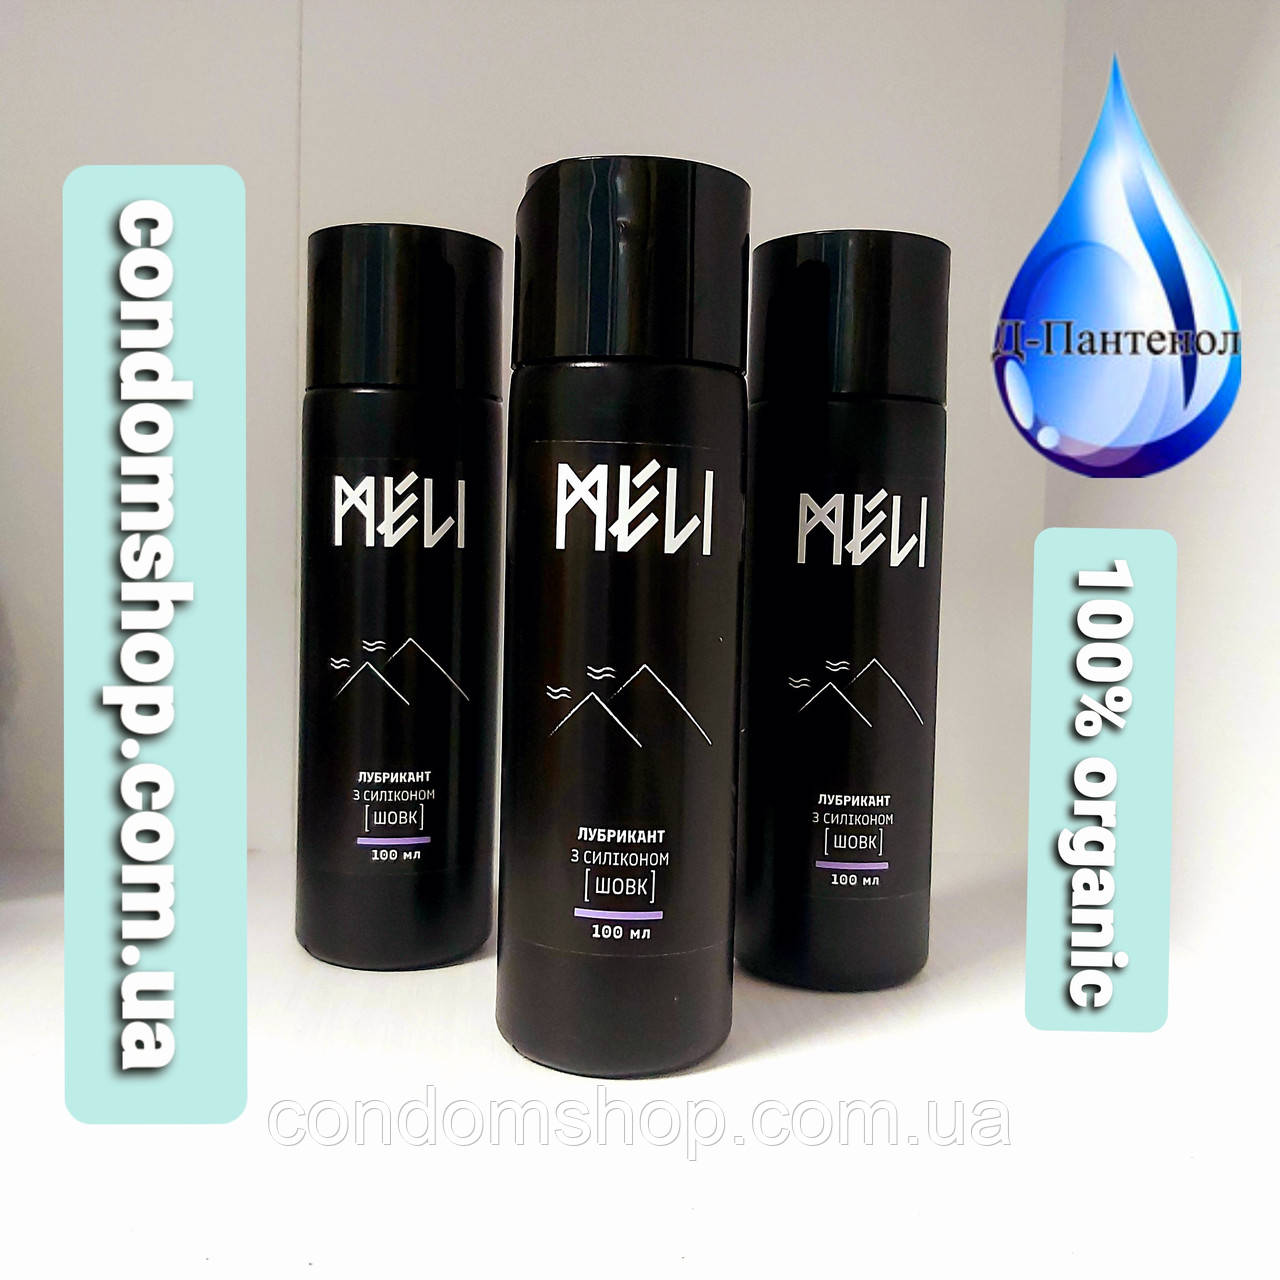 Гель-смазка для интимного массажа Meli шёлк  вода+силикон.100% organic. 100 ml.Для всех видов секса и массажа.